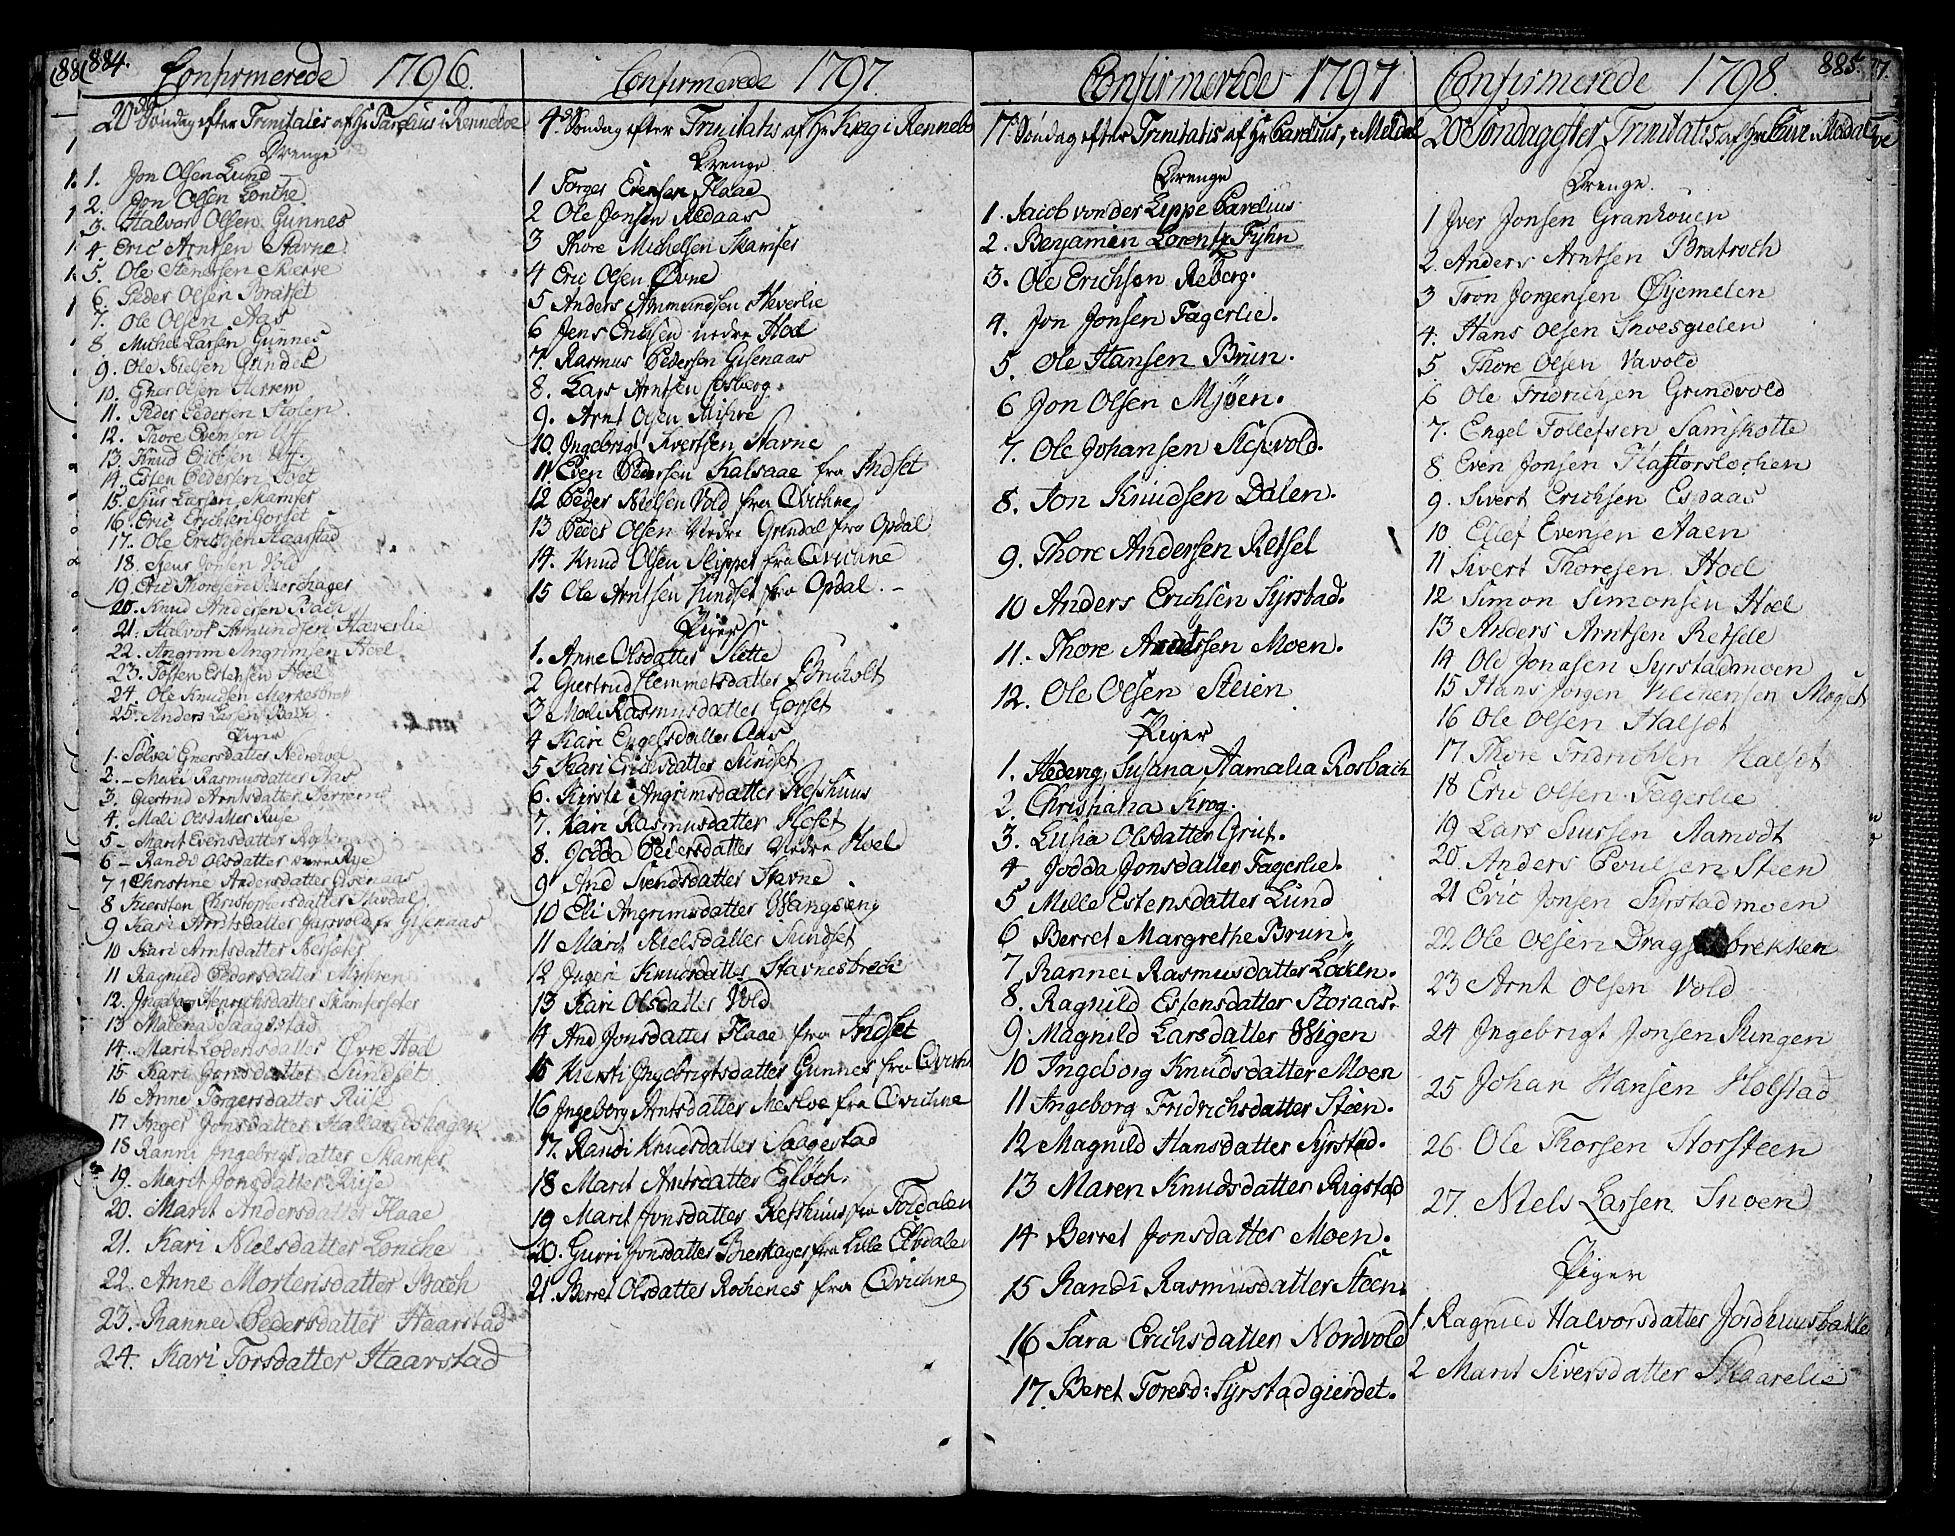 SAT, Ministerialprotokoller, klokkerbøker og fødselsregistre - Sør-Trøndelag, 672/L0852: Ministerialbok nr. 672A05, 1776-1815, s. 884-885